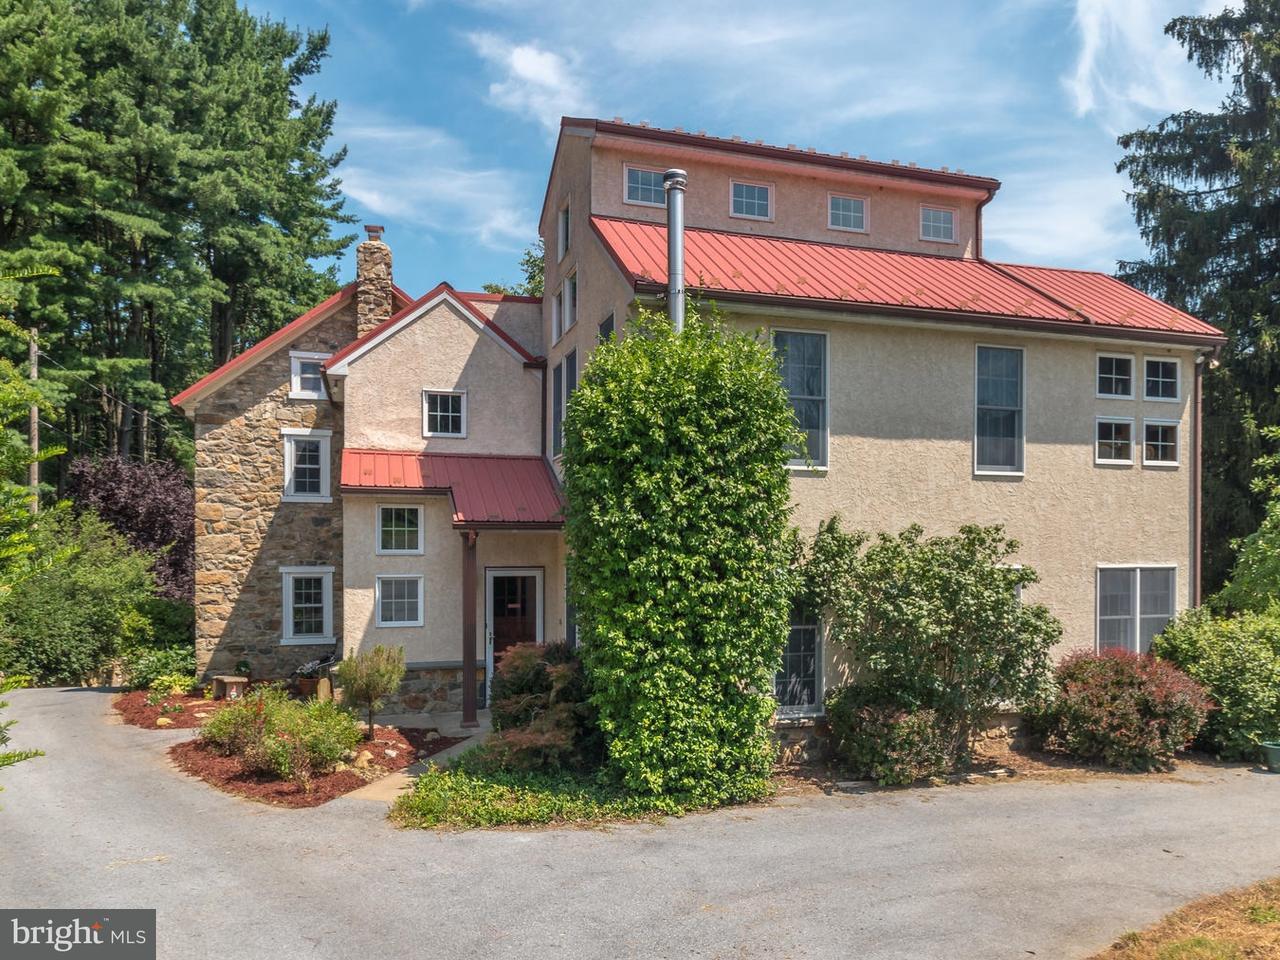 Maison unifamiliale pour l Vente à 174 GROFF Road Bechtelsville, Pennsylvanie 19505 États-Unis